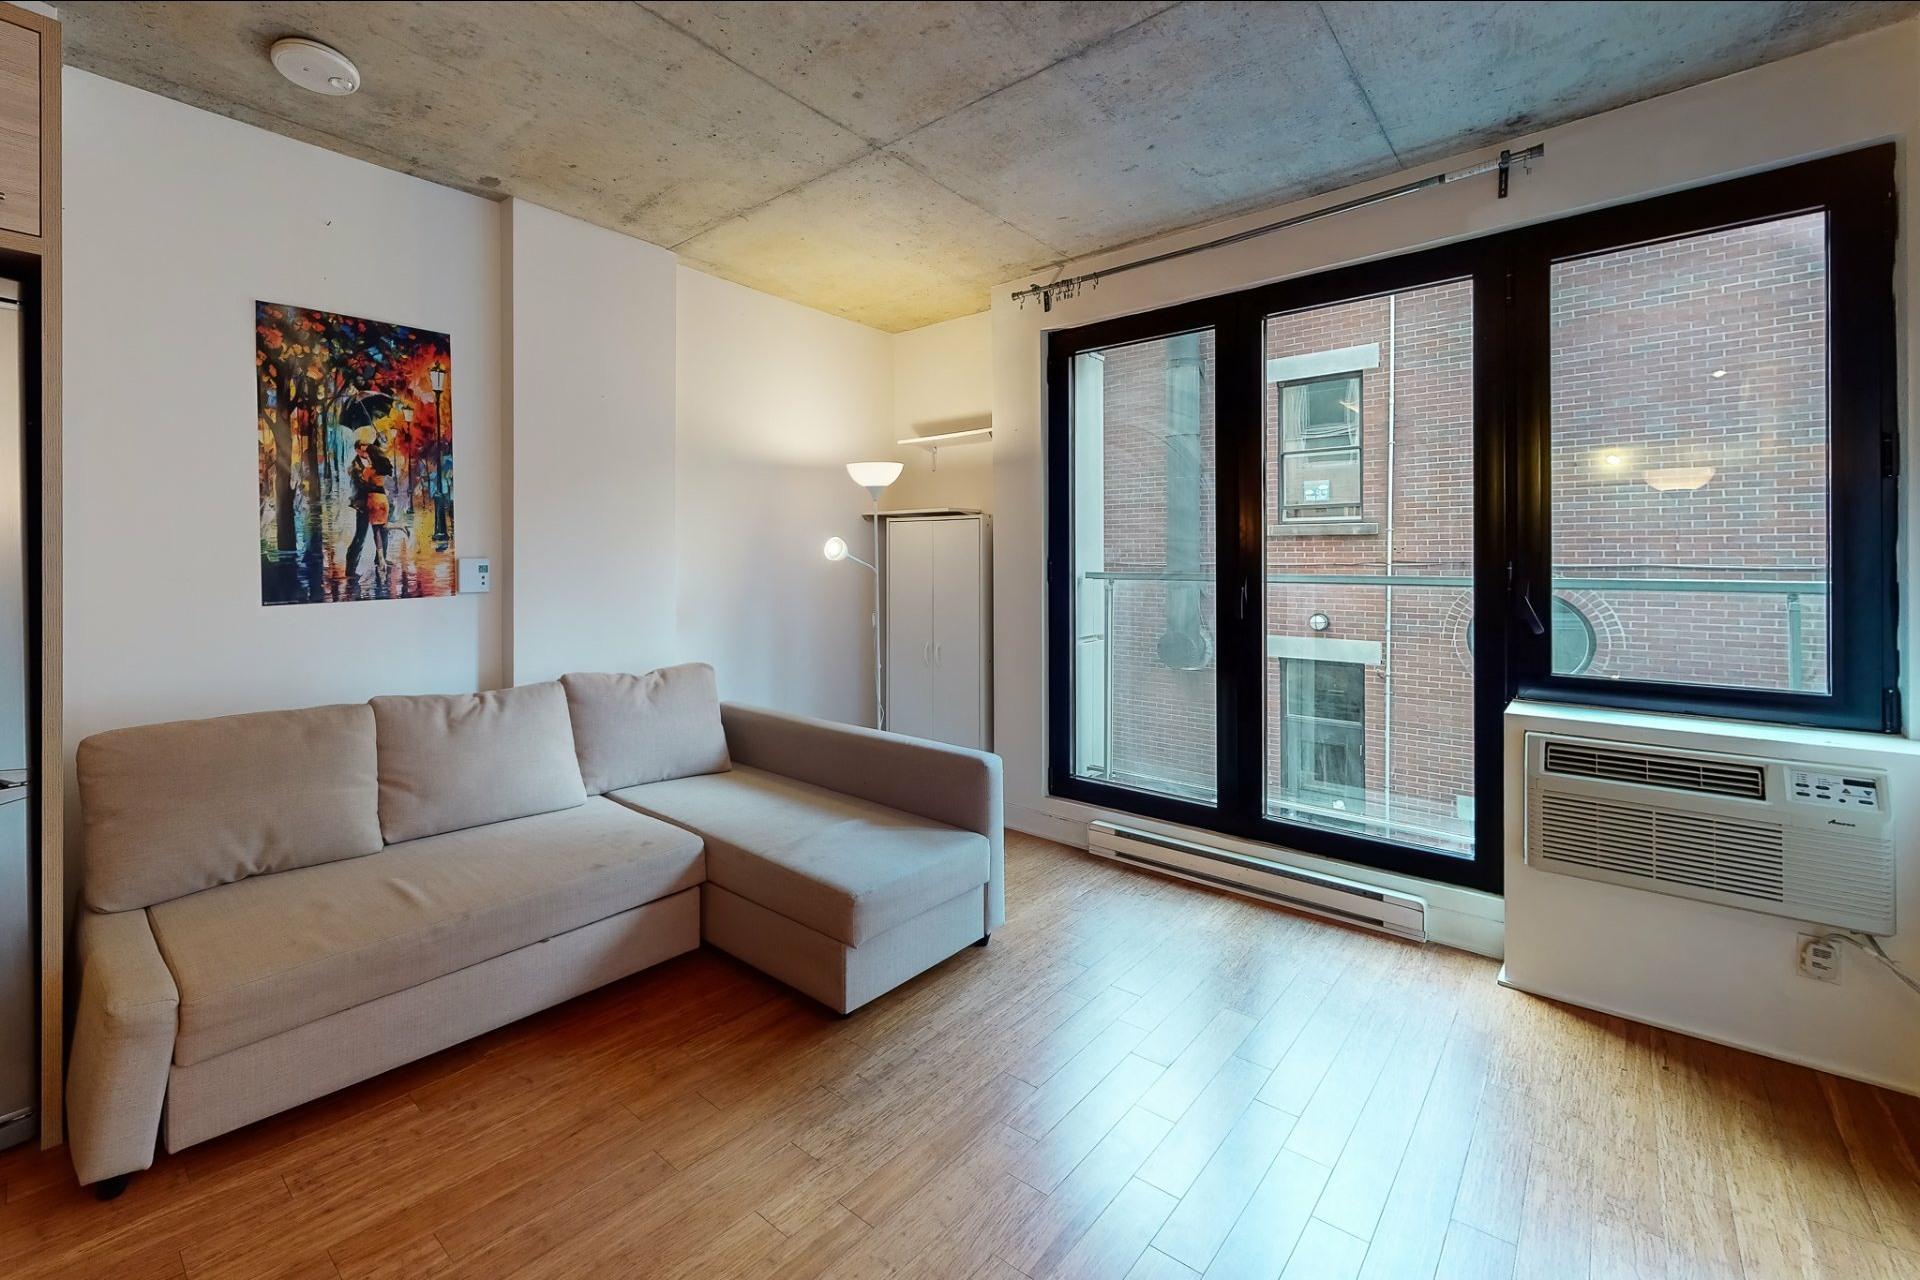 image 3 - Appartement À vendre Ville-Marie Montréal  - 2 pièces